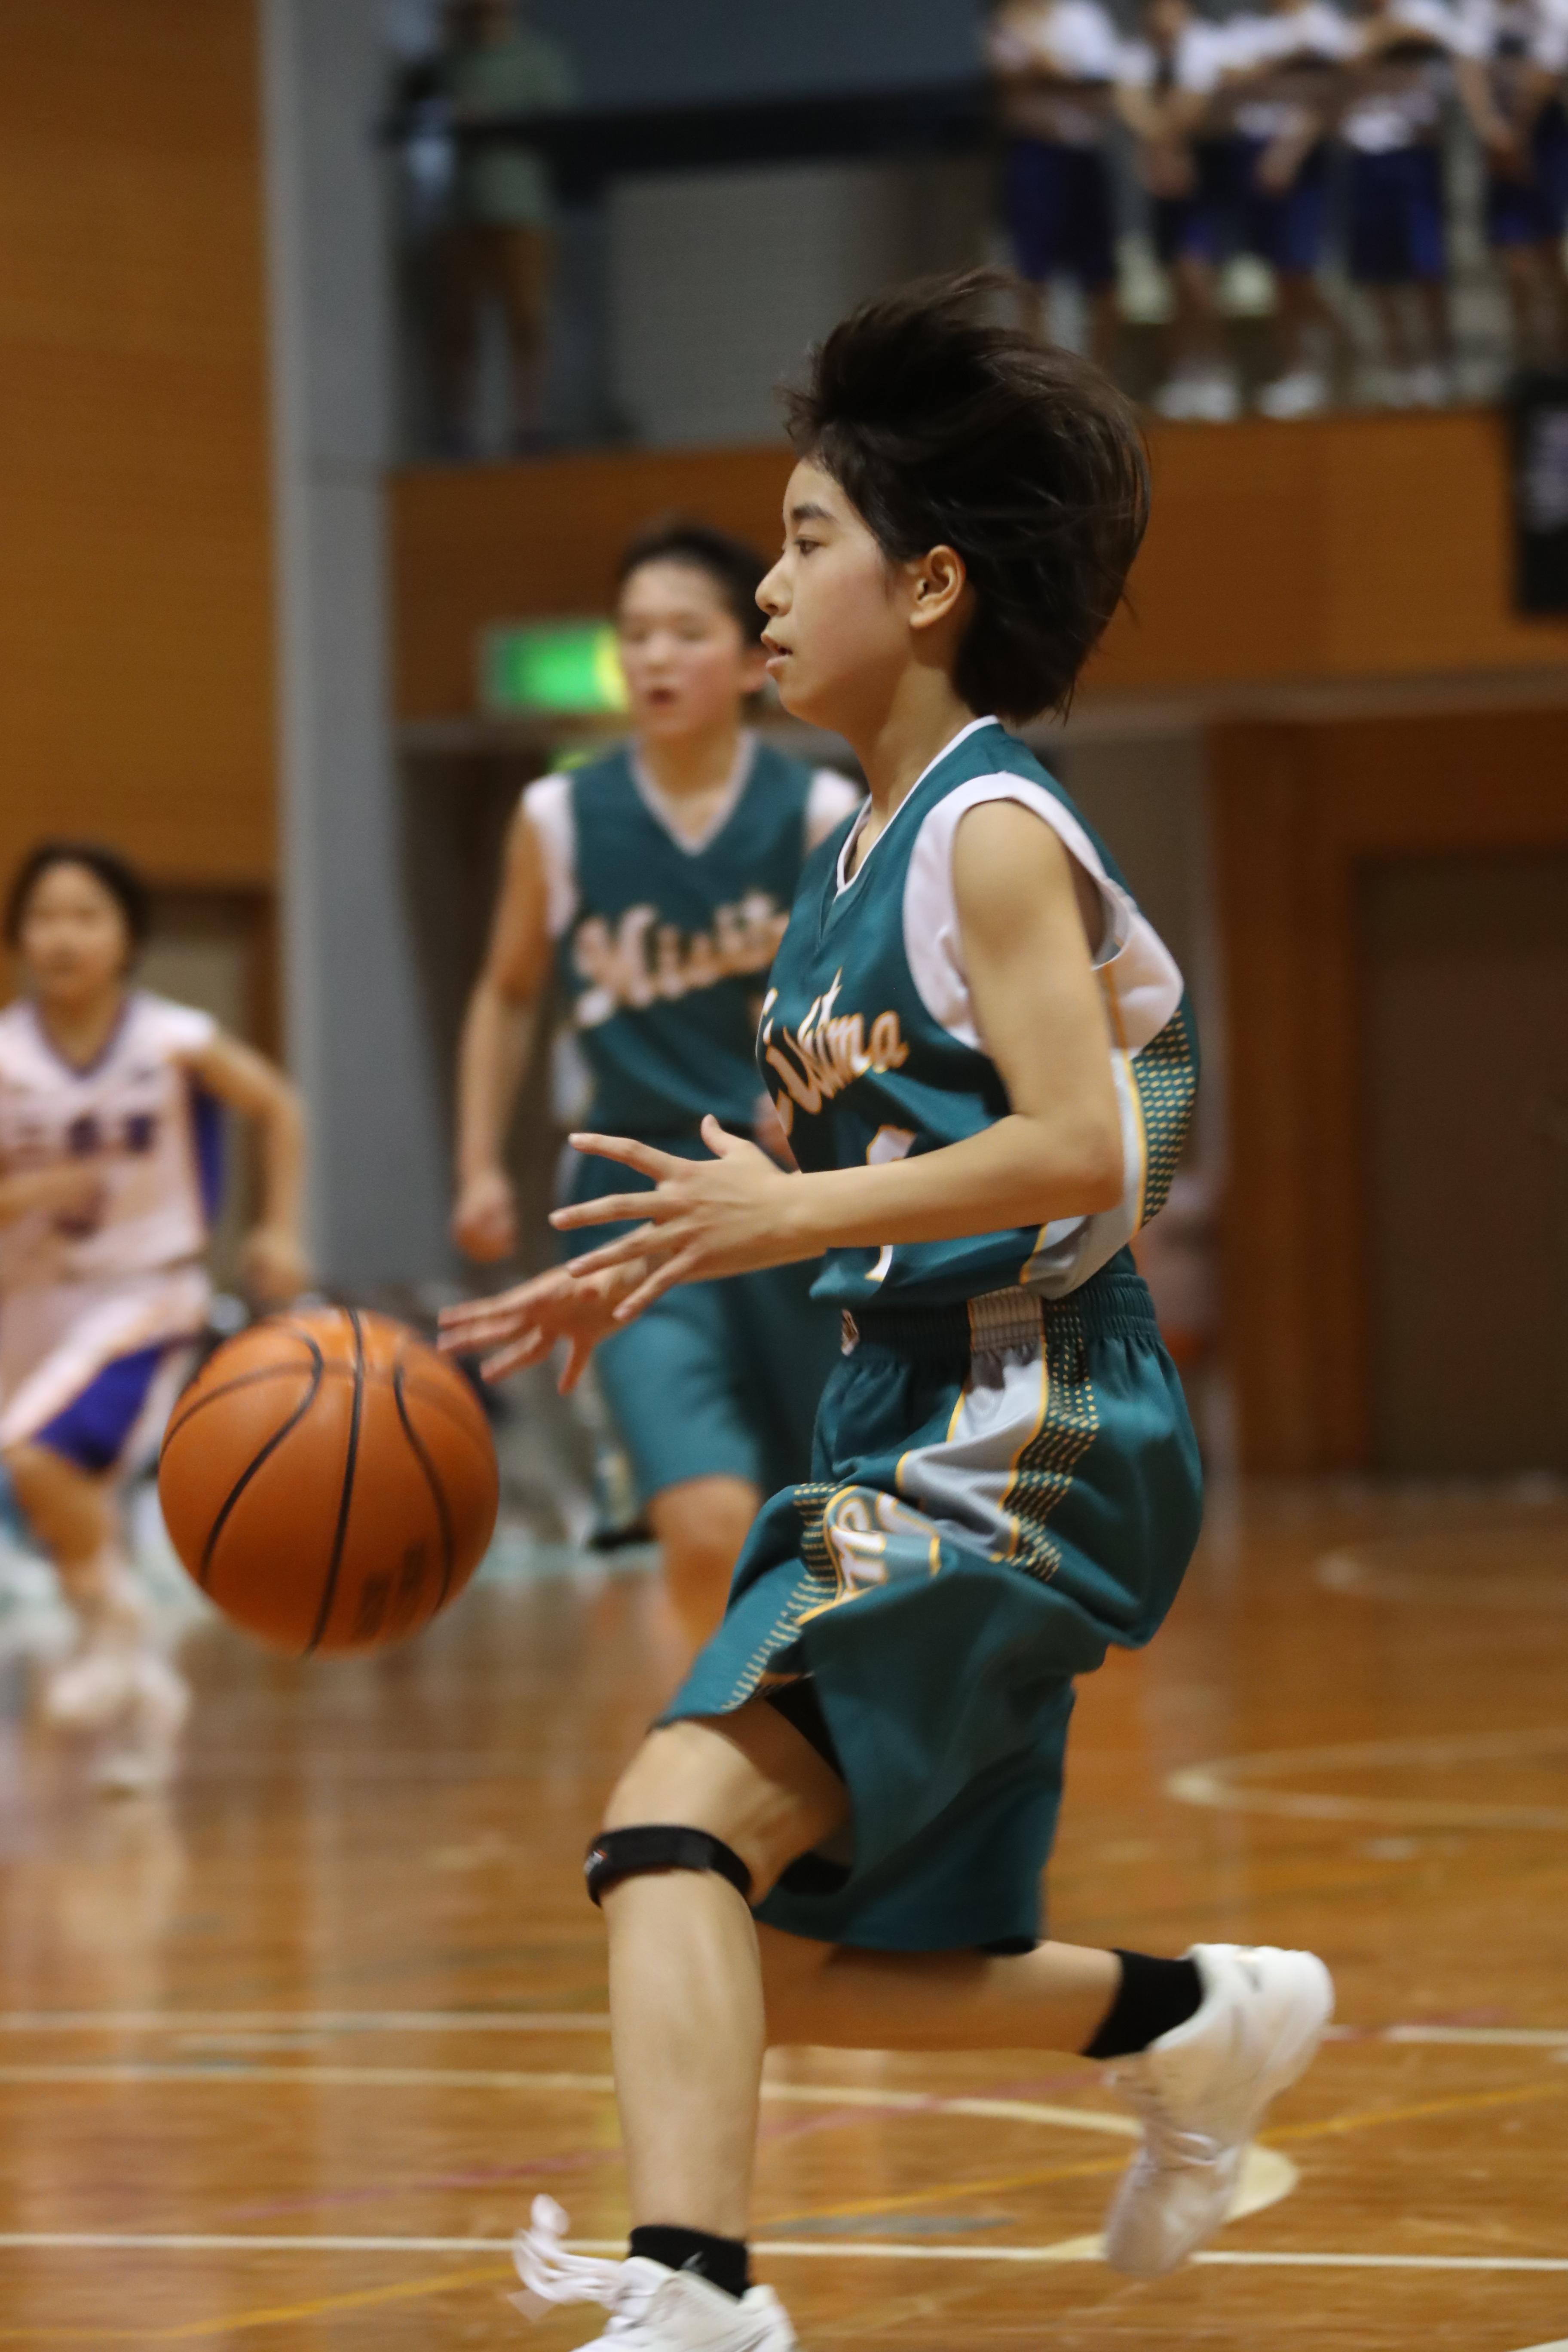 バスケット (317)